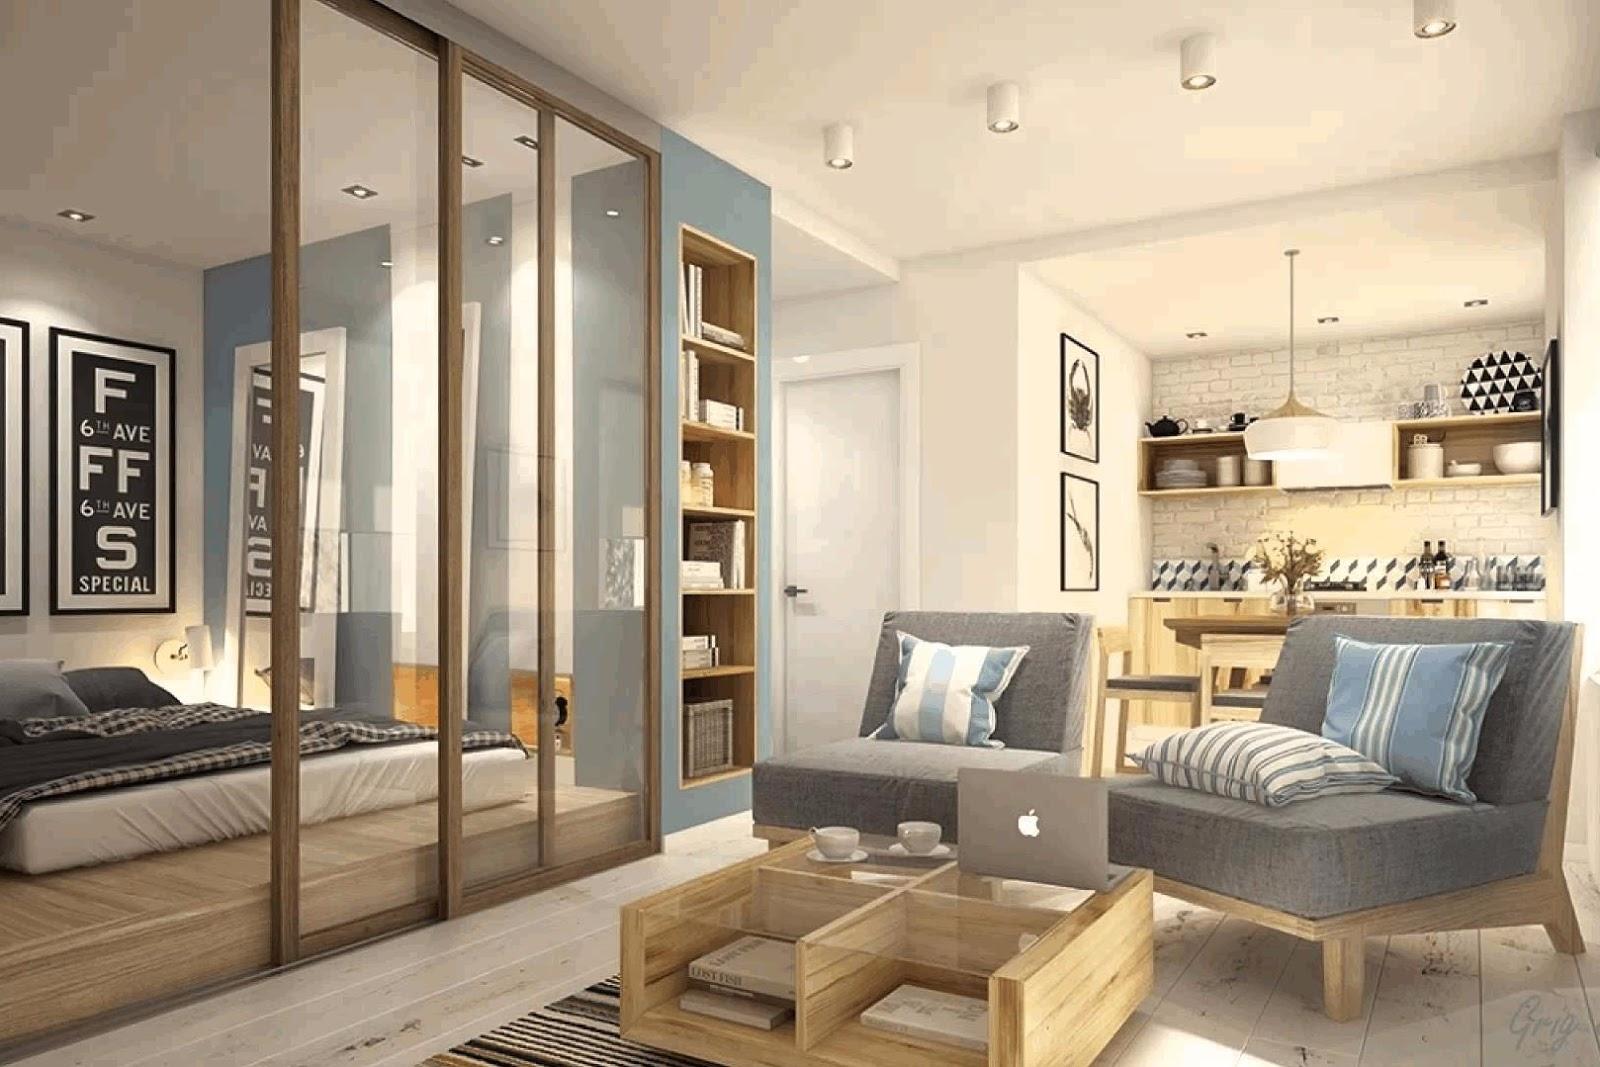 Trend interior yang semakin berkembang tidak terlepas dari pemanfaatan  pemilihan furnitur dan produk- produk rumah tangga yang fungsional dan  sekaligus ... fd7754a596